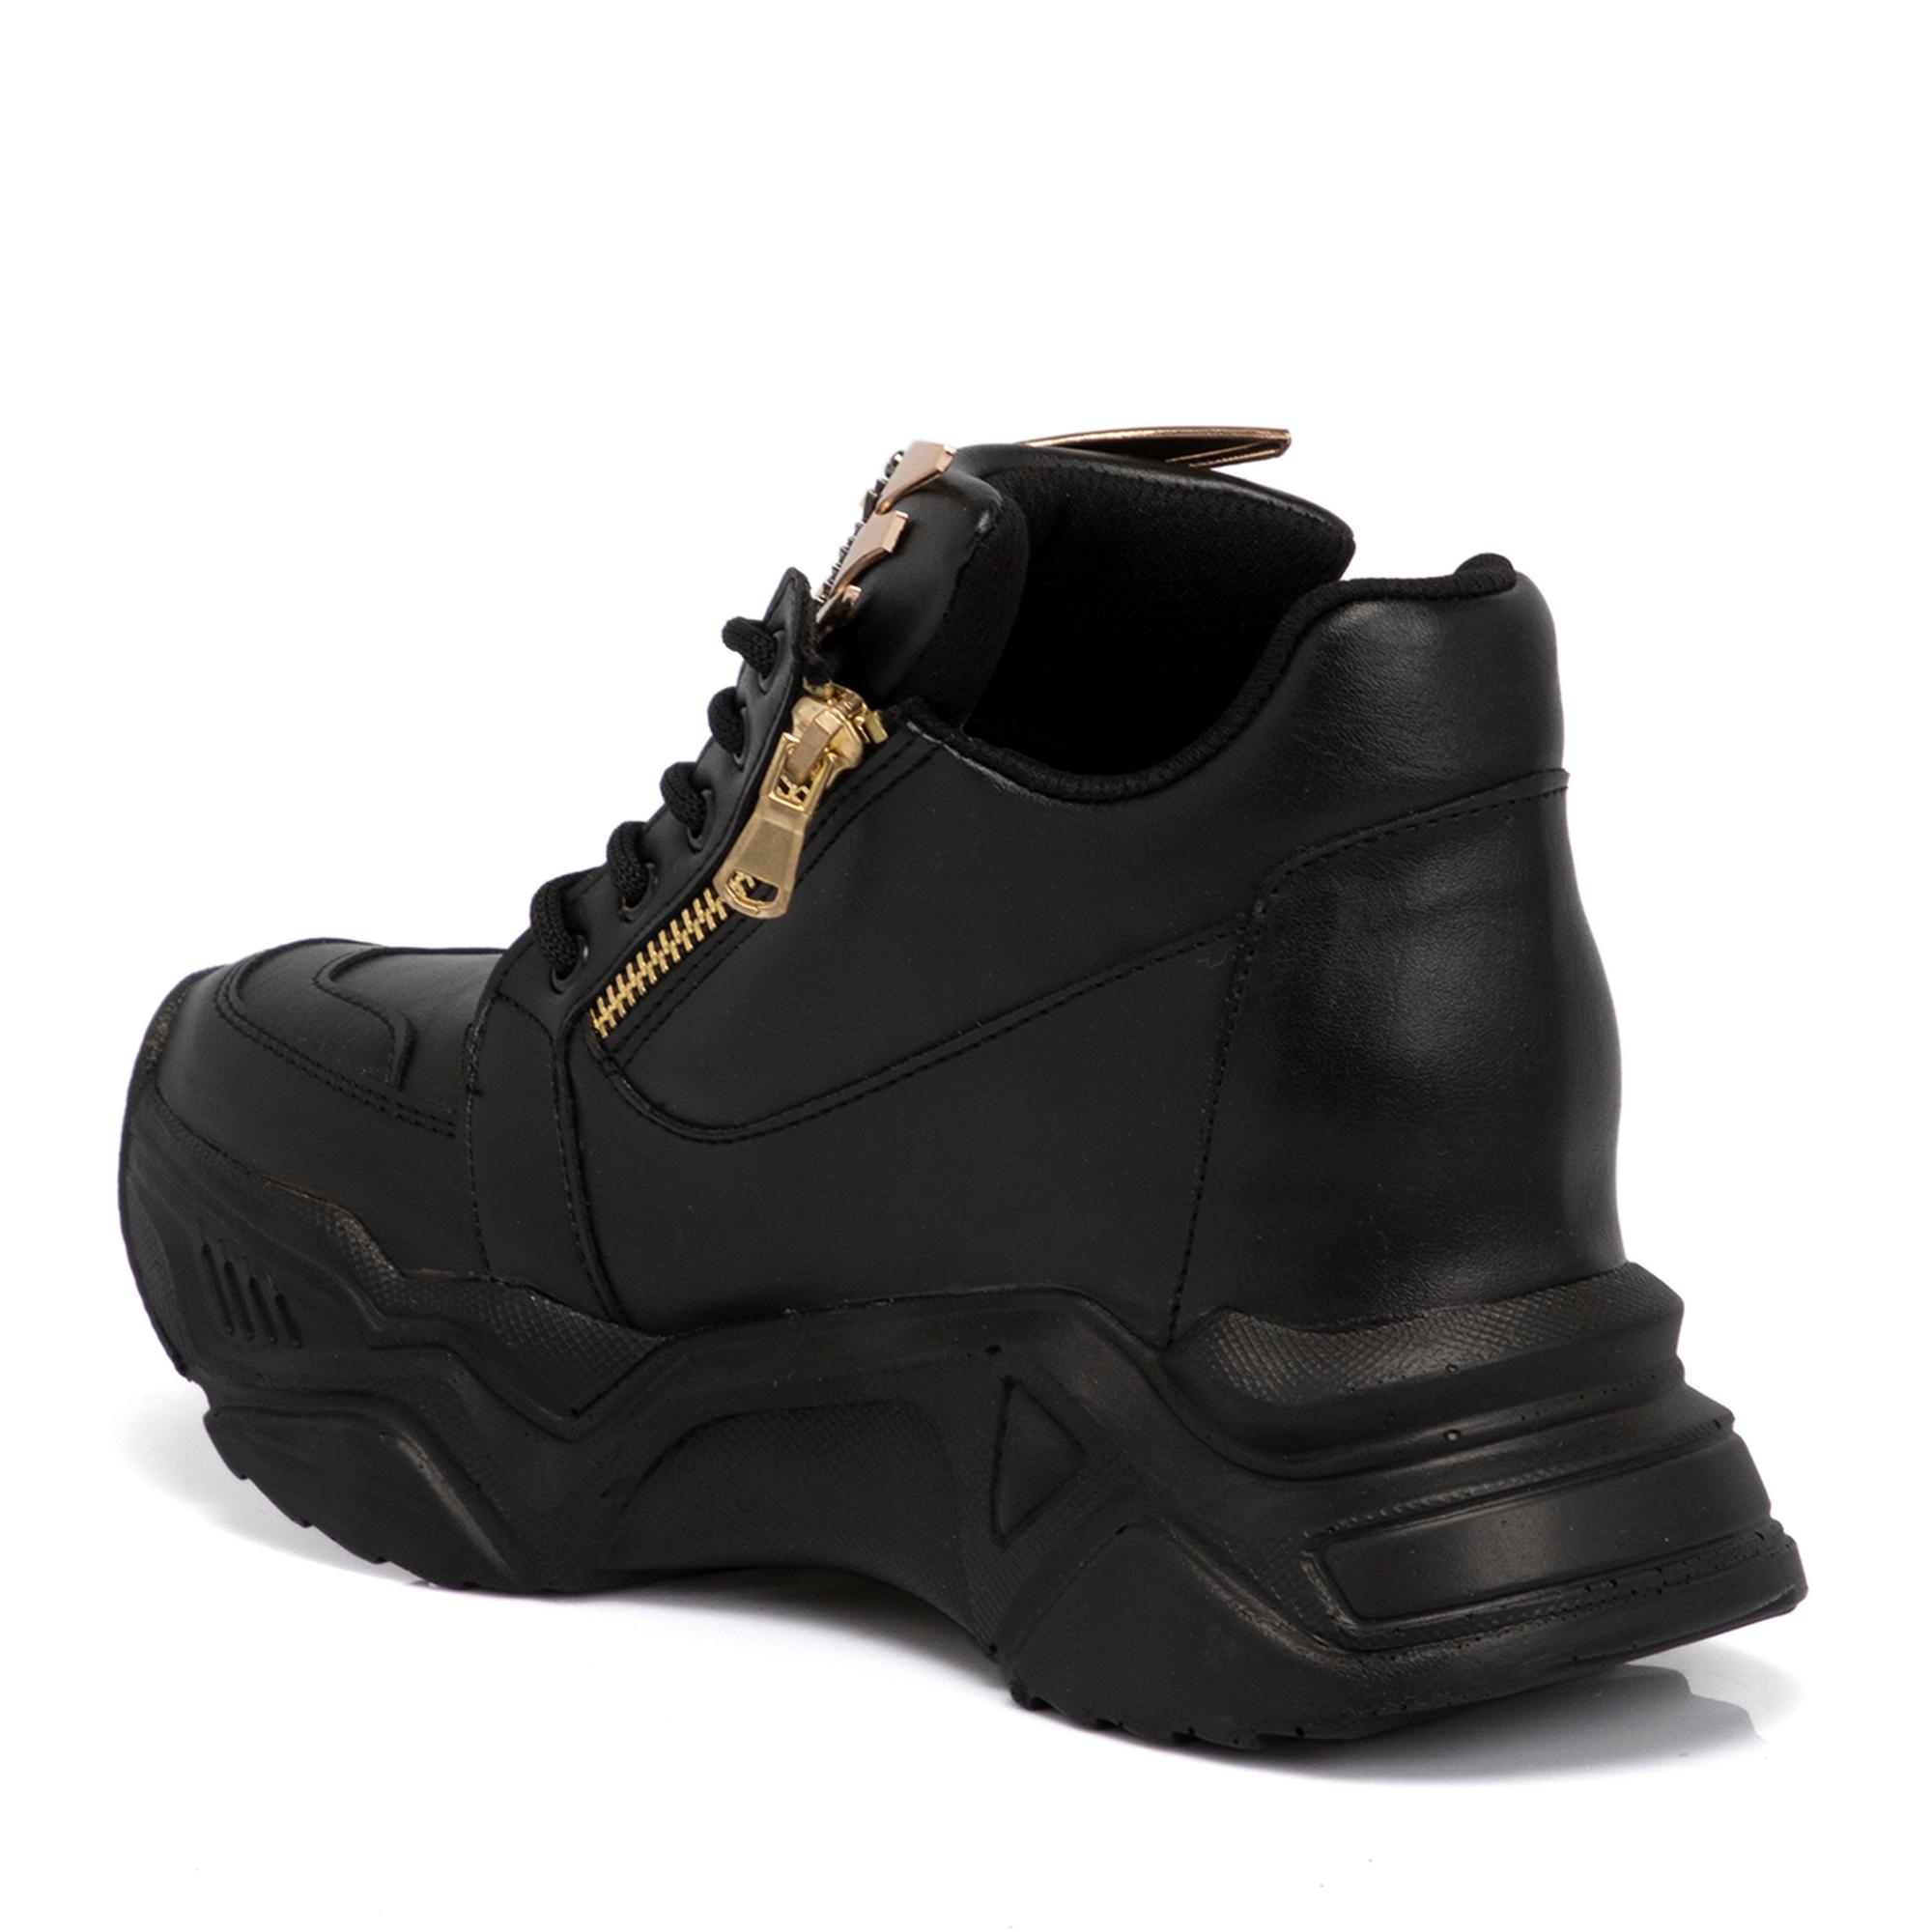 Siyah Vegan Kadın Ayakkabı 65075D62